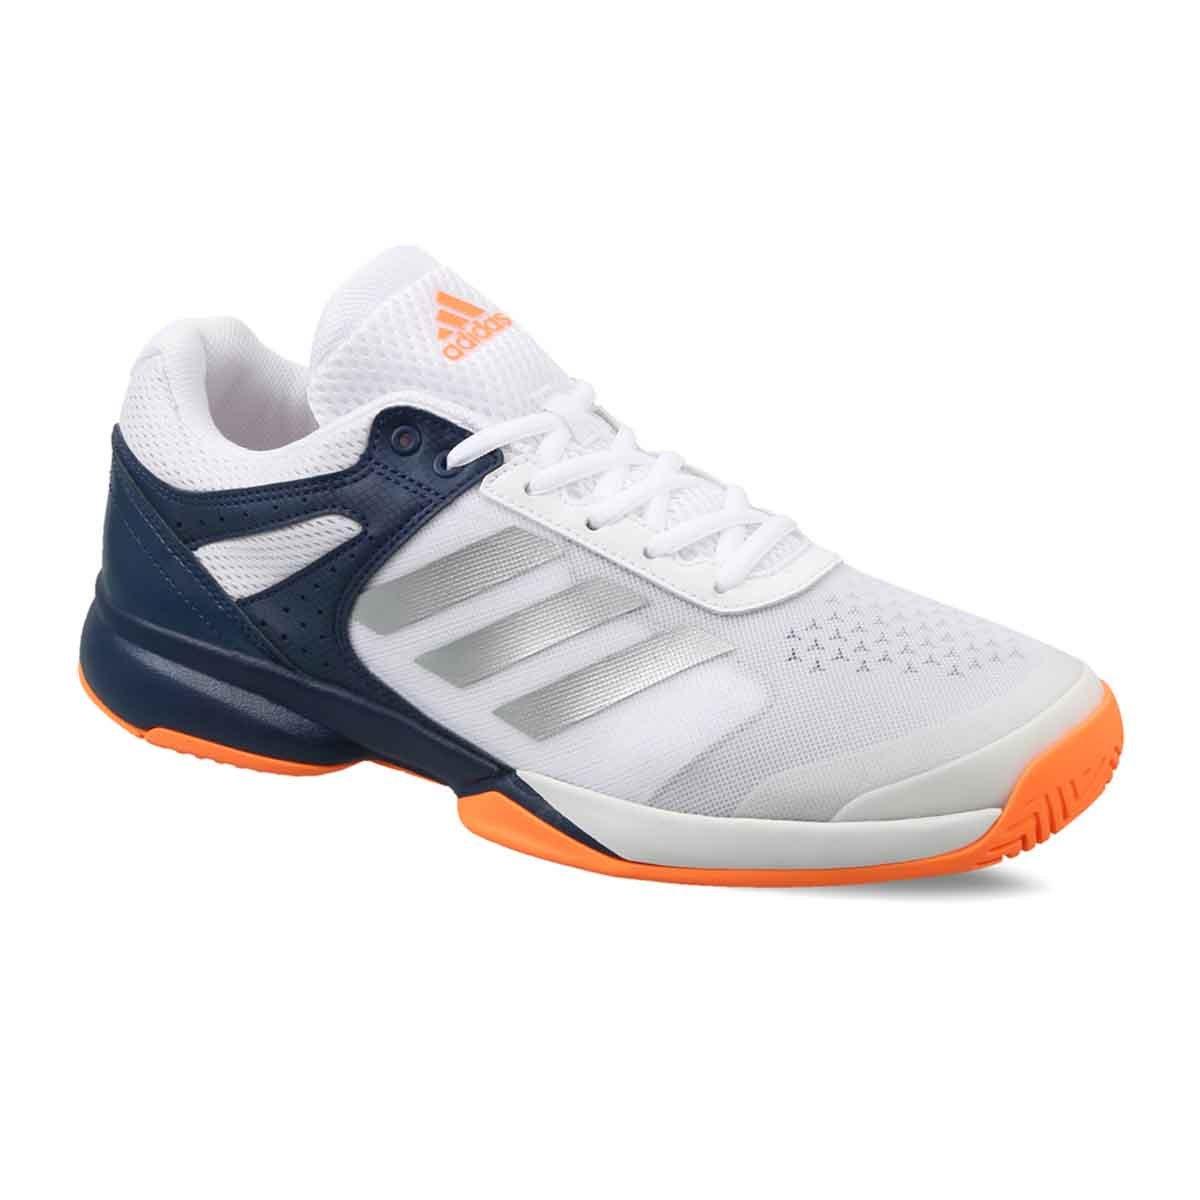 c68db18e7c7 Buy Adidas Adizero Men s Tennis Shoes Online in India